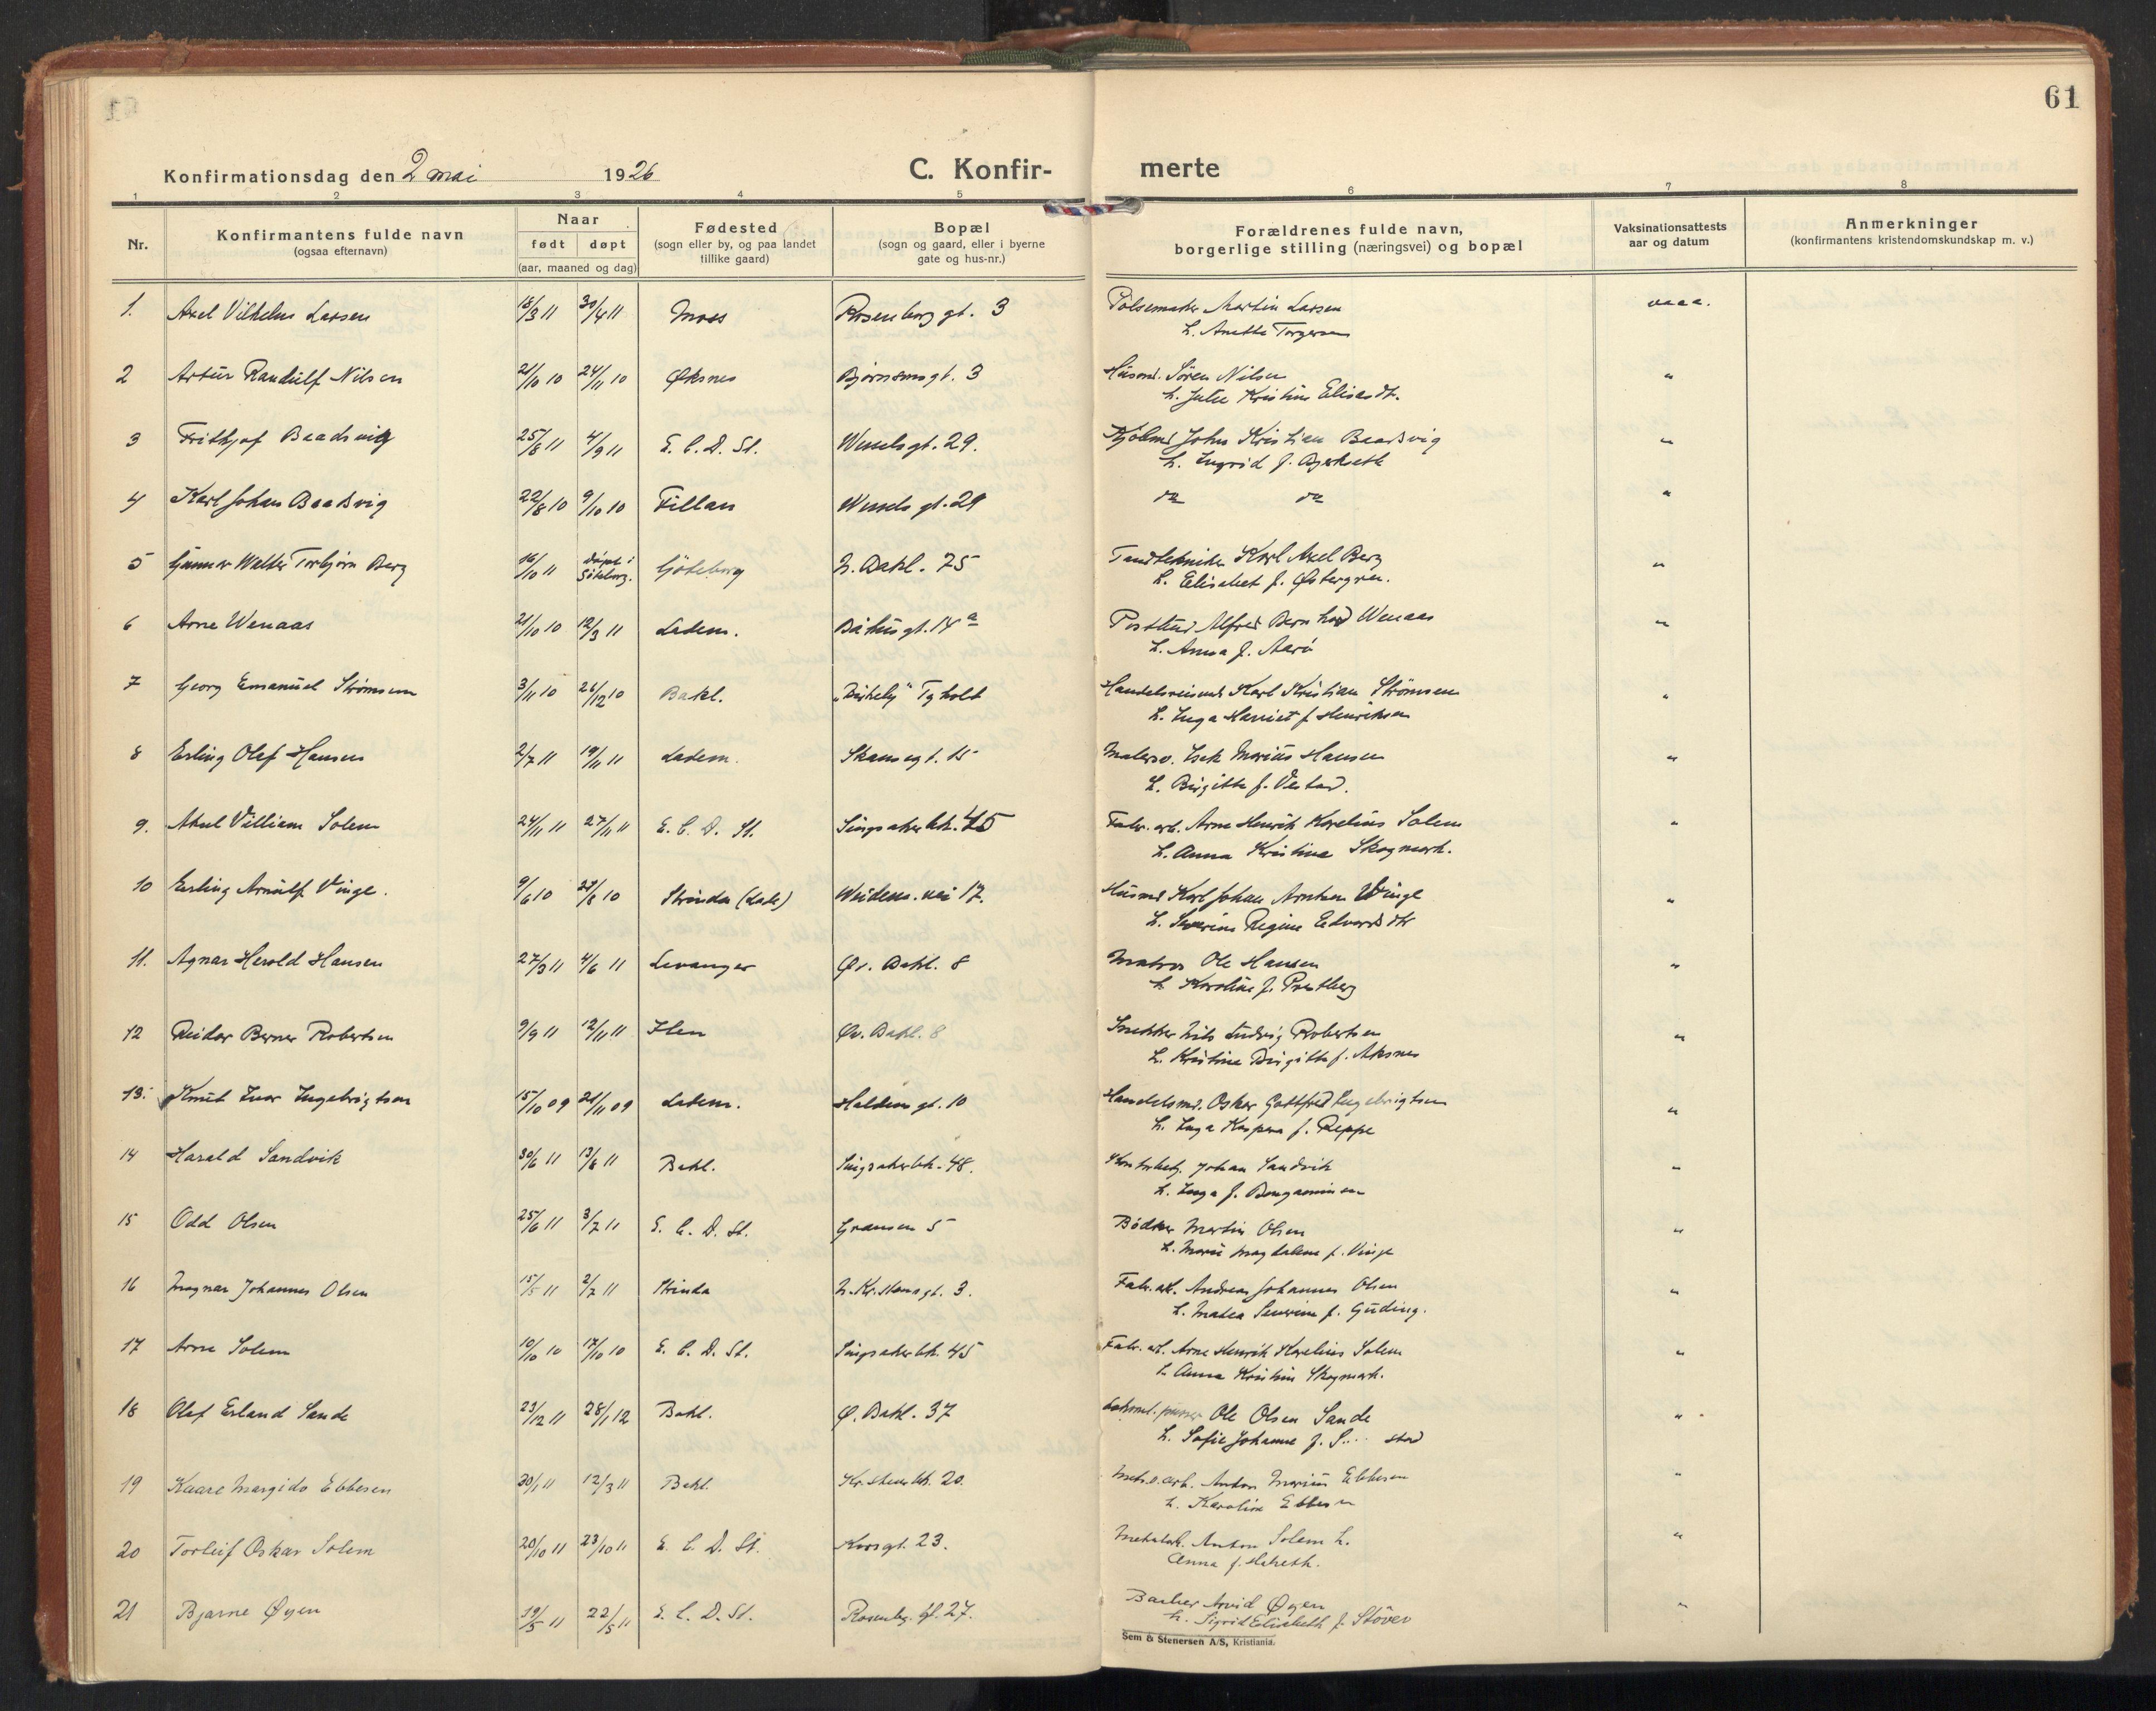 SAT, Ministerialprotokoller, klokkerbøker og fødselsregistre - Sør-Trøndelag, 604/L0208: Ministerialbok nr. 604A28, 1923-1937, s. 61